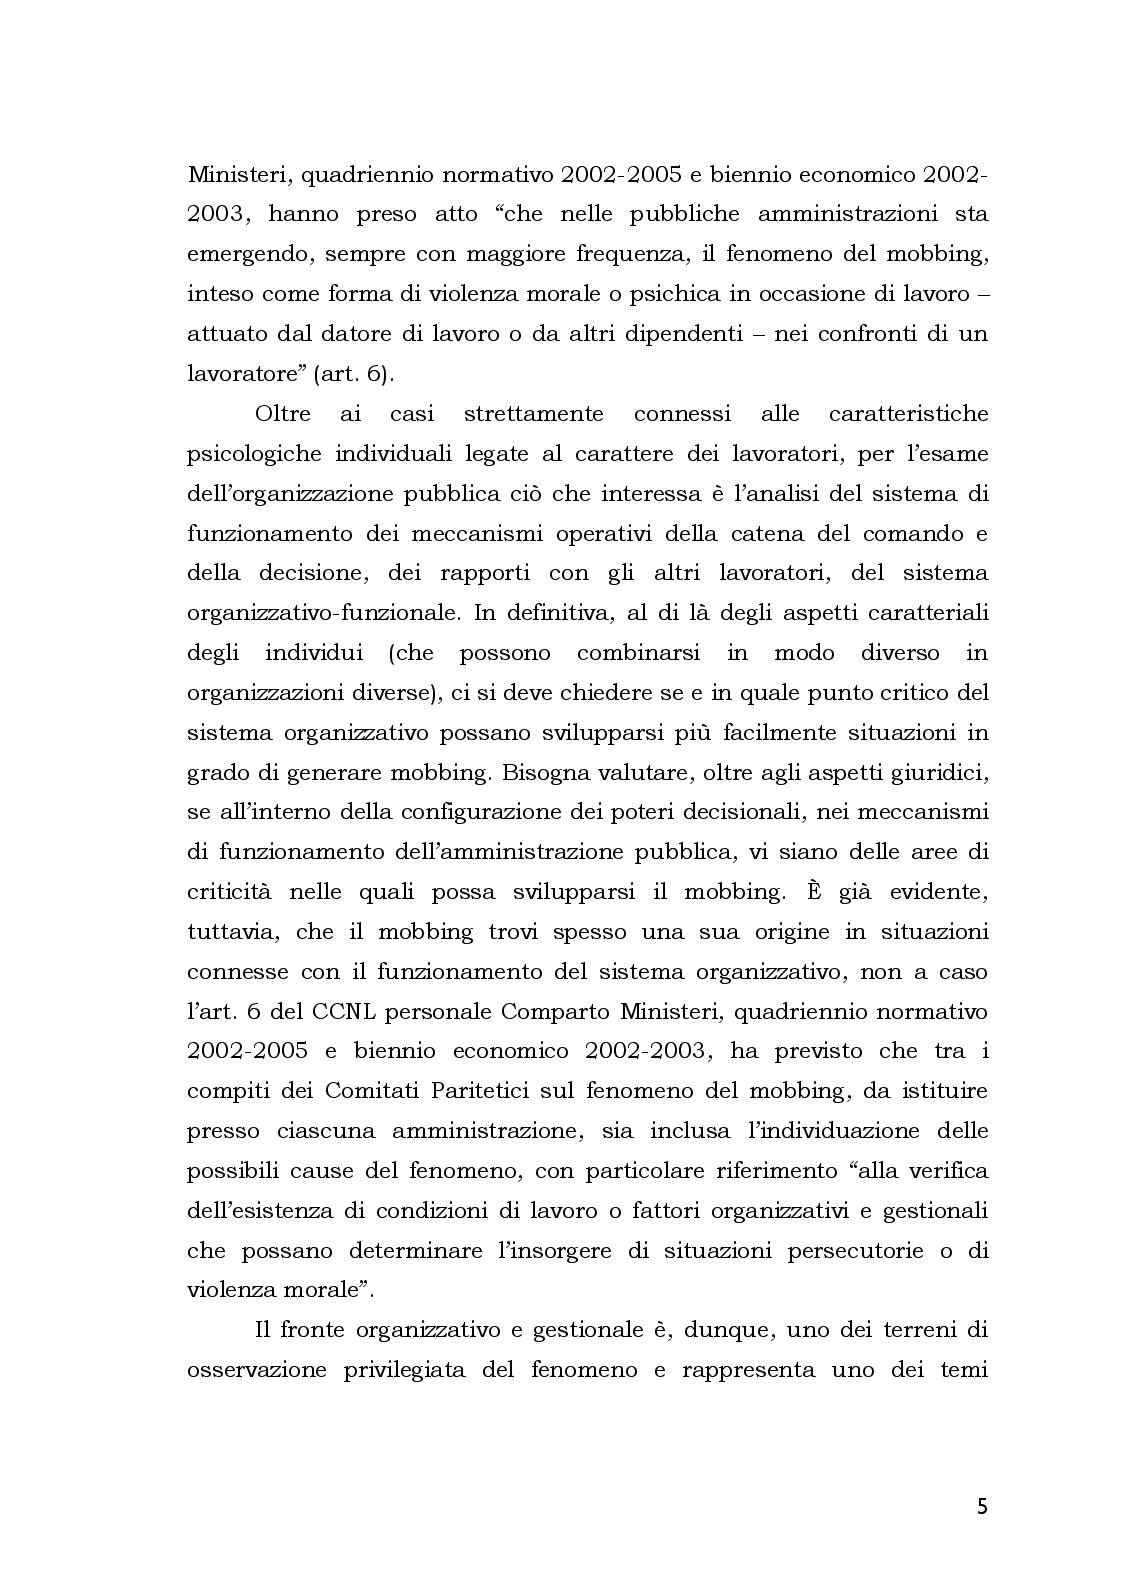 Anteprima della tesi: Aspetti Psicosociali e Girudici del Mobbing nella Pubblica Amministrazione.  Analisi Comparata, Pagina 5